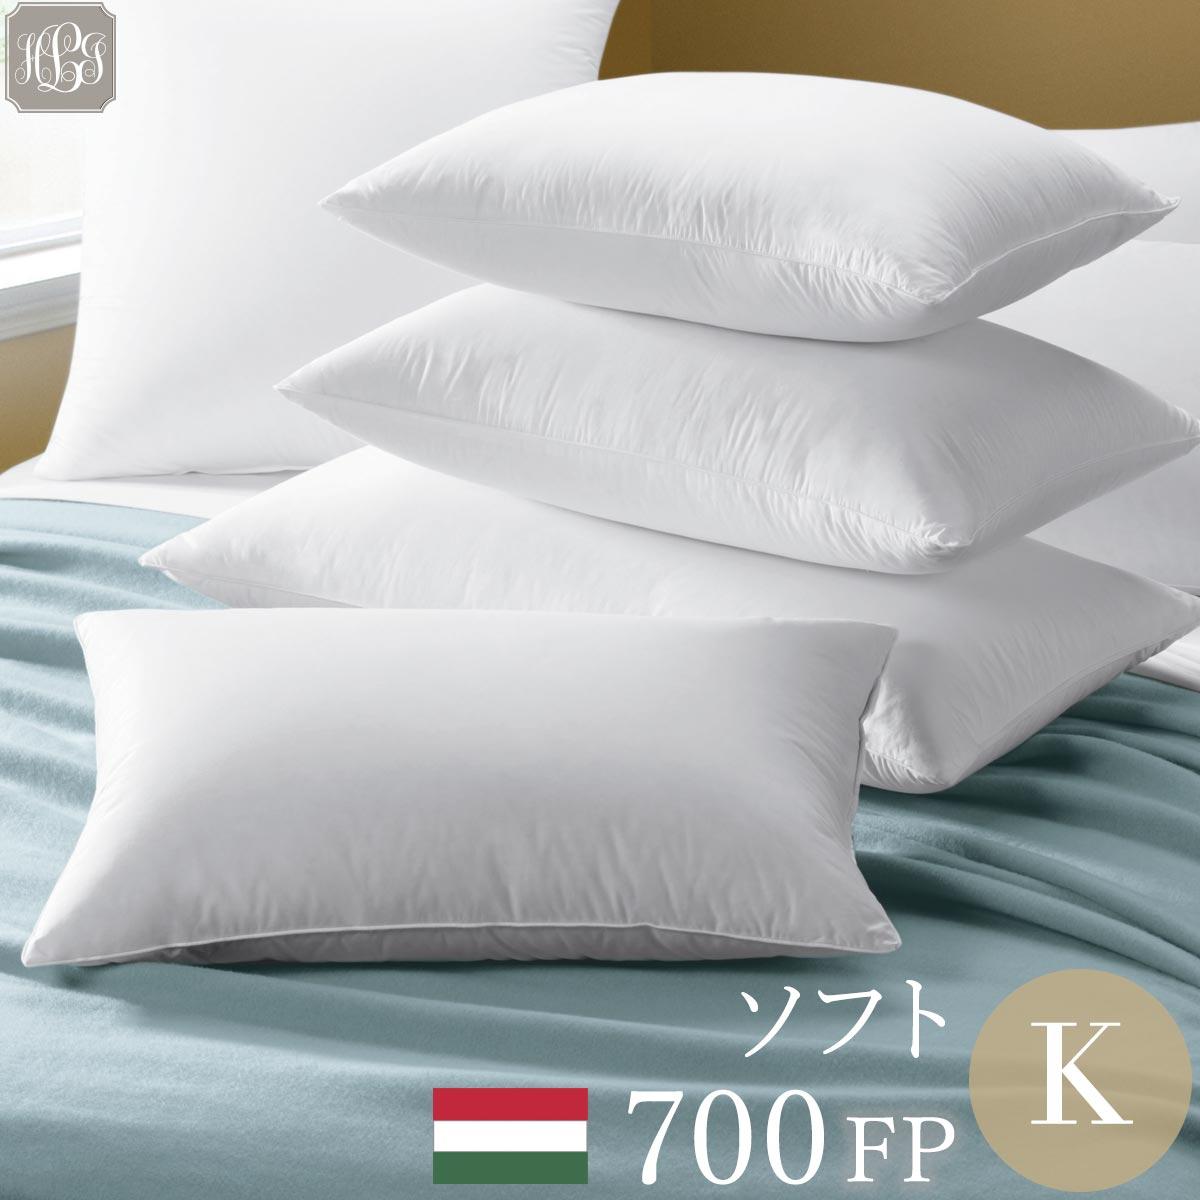 羽毛枕 700FPハンガリー産ホワイトグース キング 50cmx91cm ソフト 高級ホテル 低め 80番手 超長綿100% 送料無料